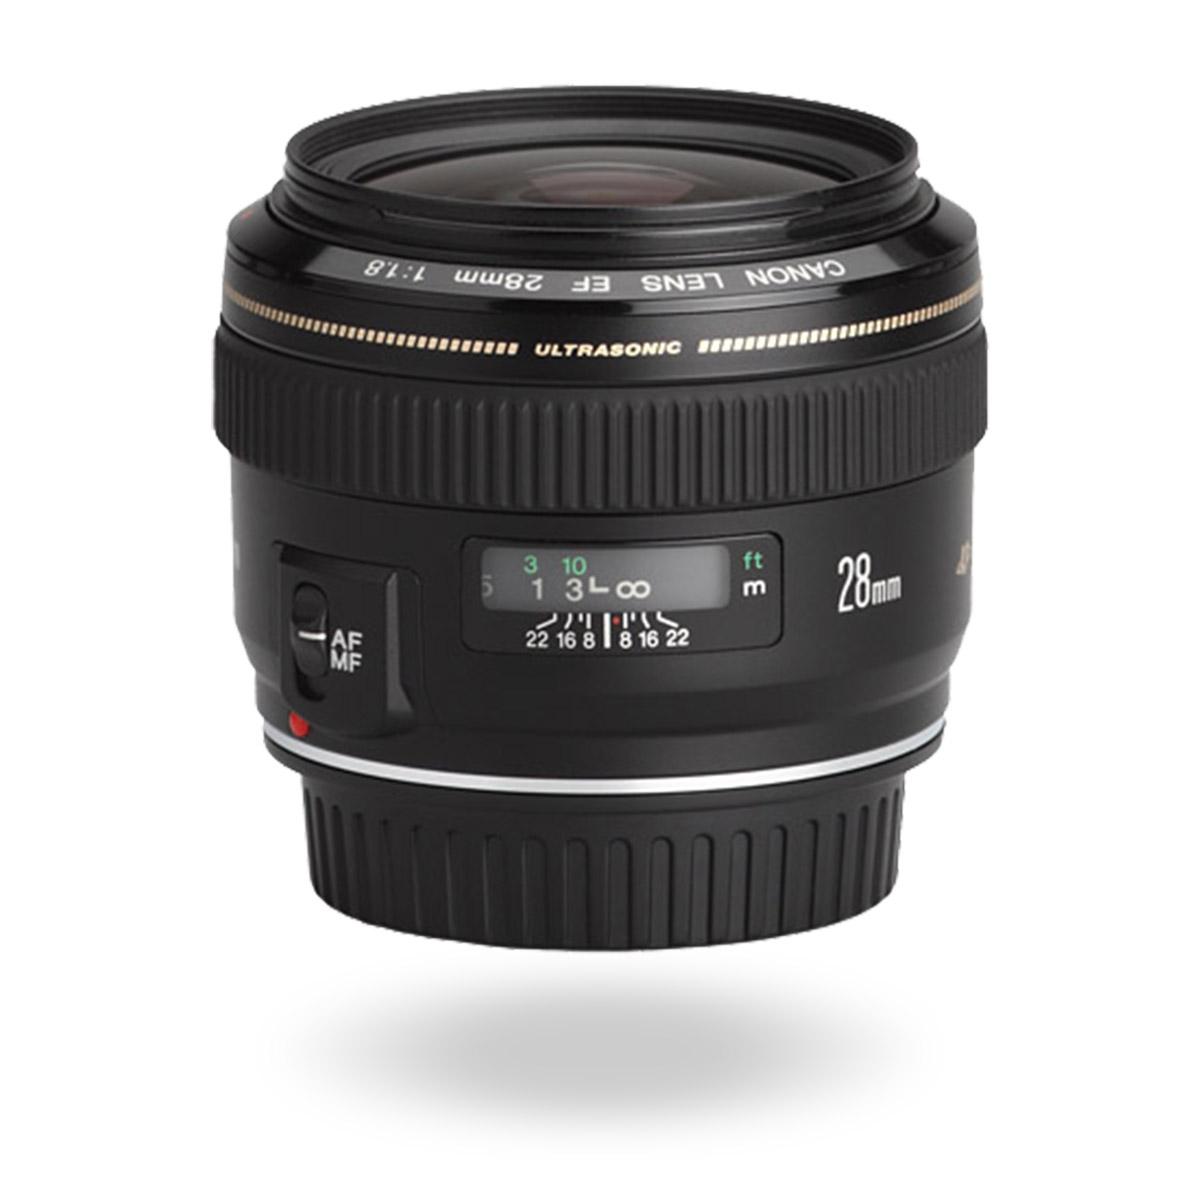 EF 28mm f/1.8 USM lens